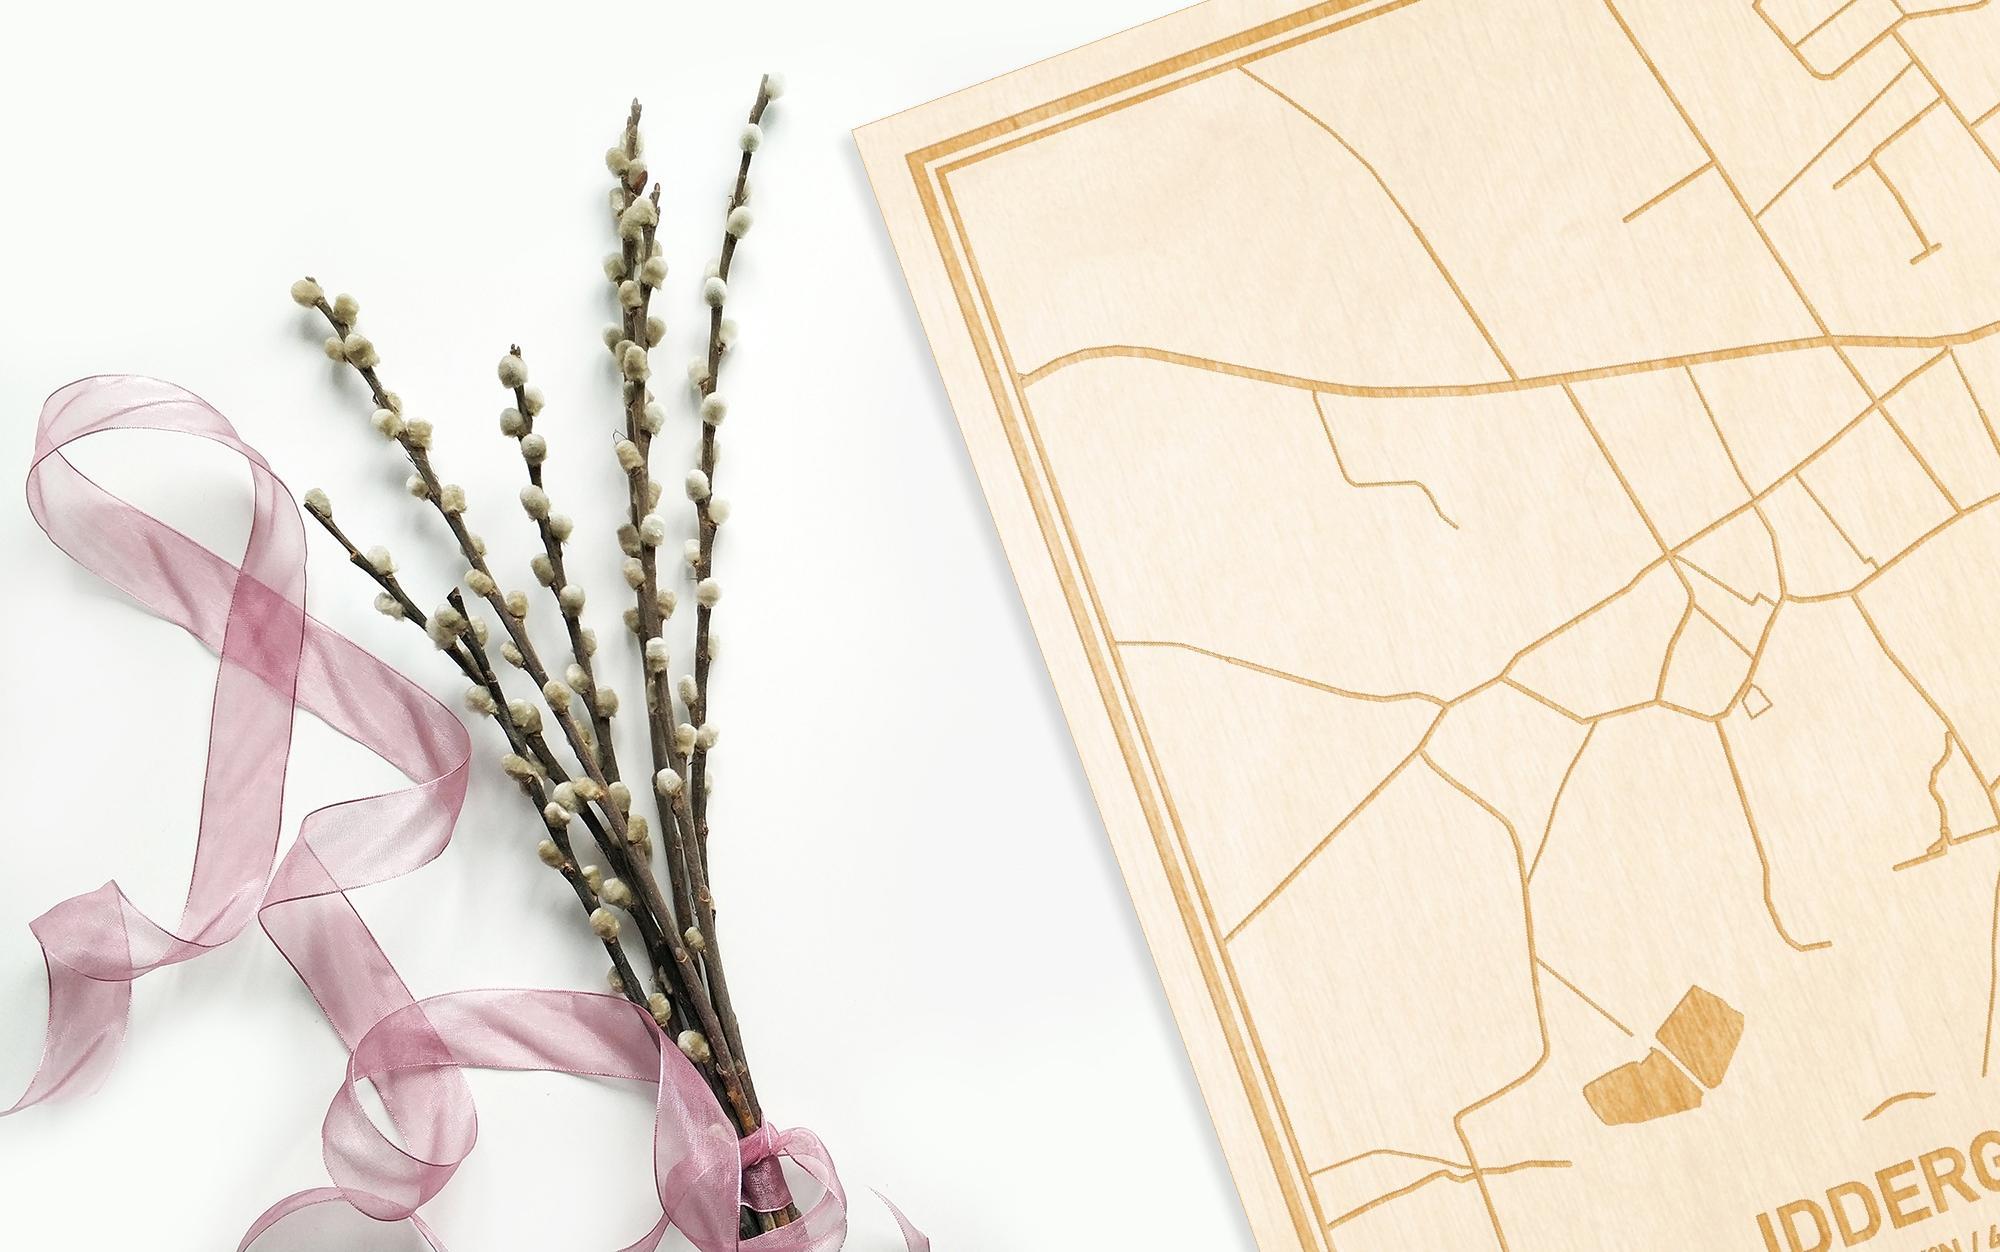 Hier ligt de houten plattegrond Iddergem naast een bloemetje als gepersonaliseerd cadeau voor haar.